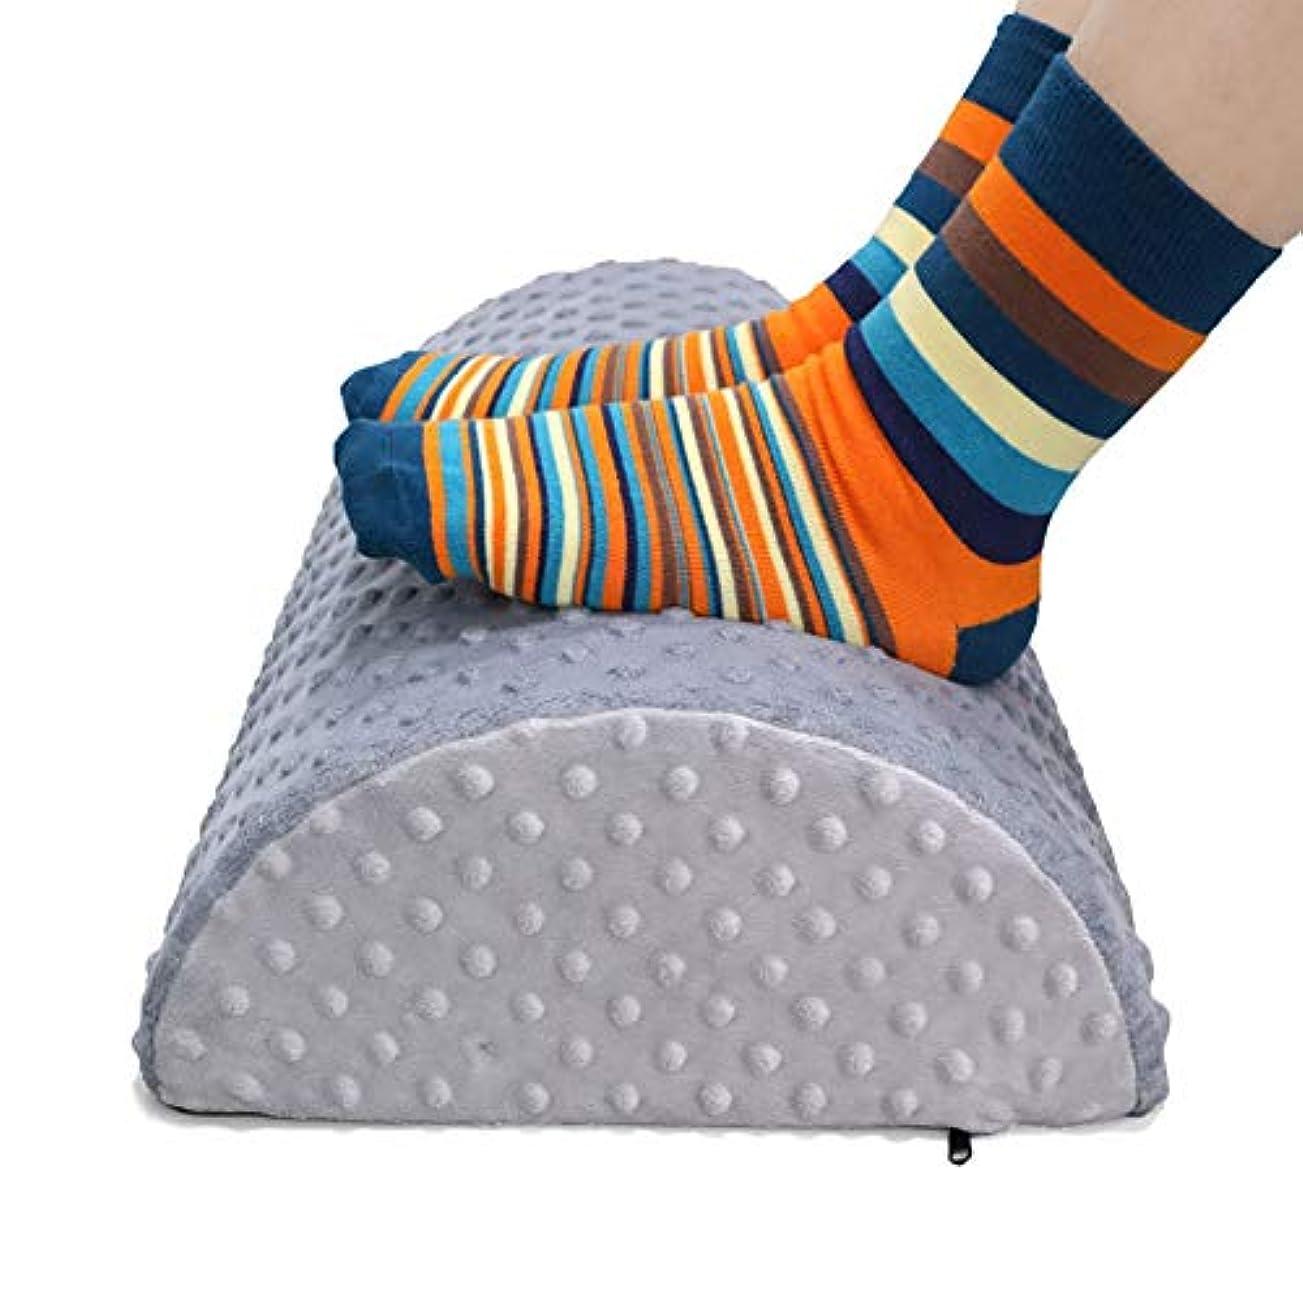 脱臼するバンド騙すデスククッションの下のフットレスト - 家庭用およびオフィス用のフットスツール - エルゴノミックハーフ - 腰椎、背中、膝の痛み、フットスツールロッカー用,Gray